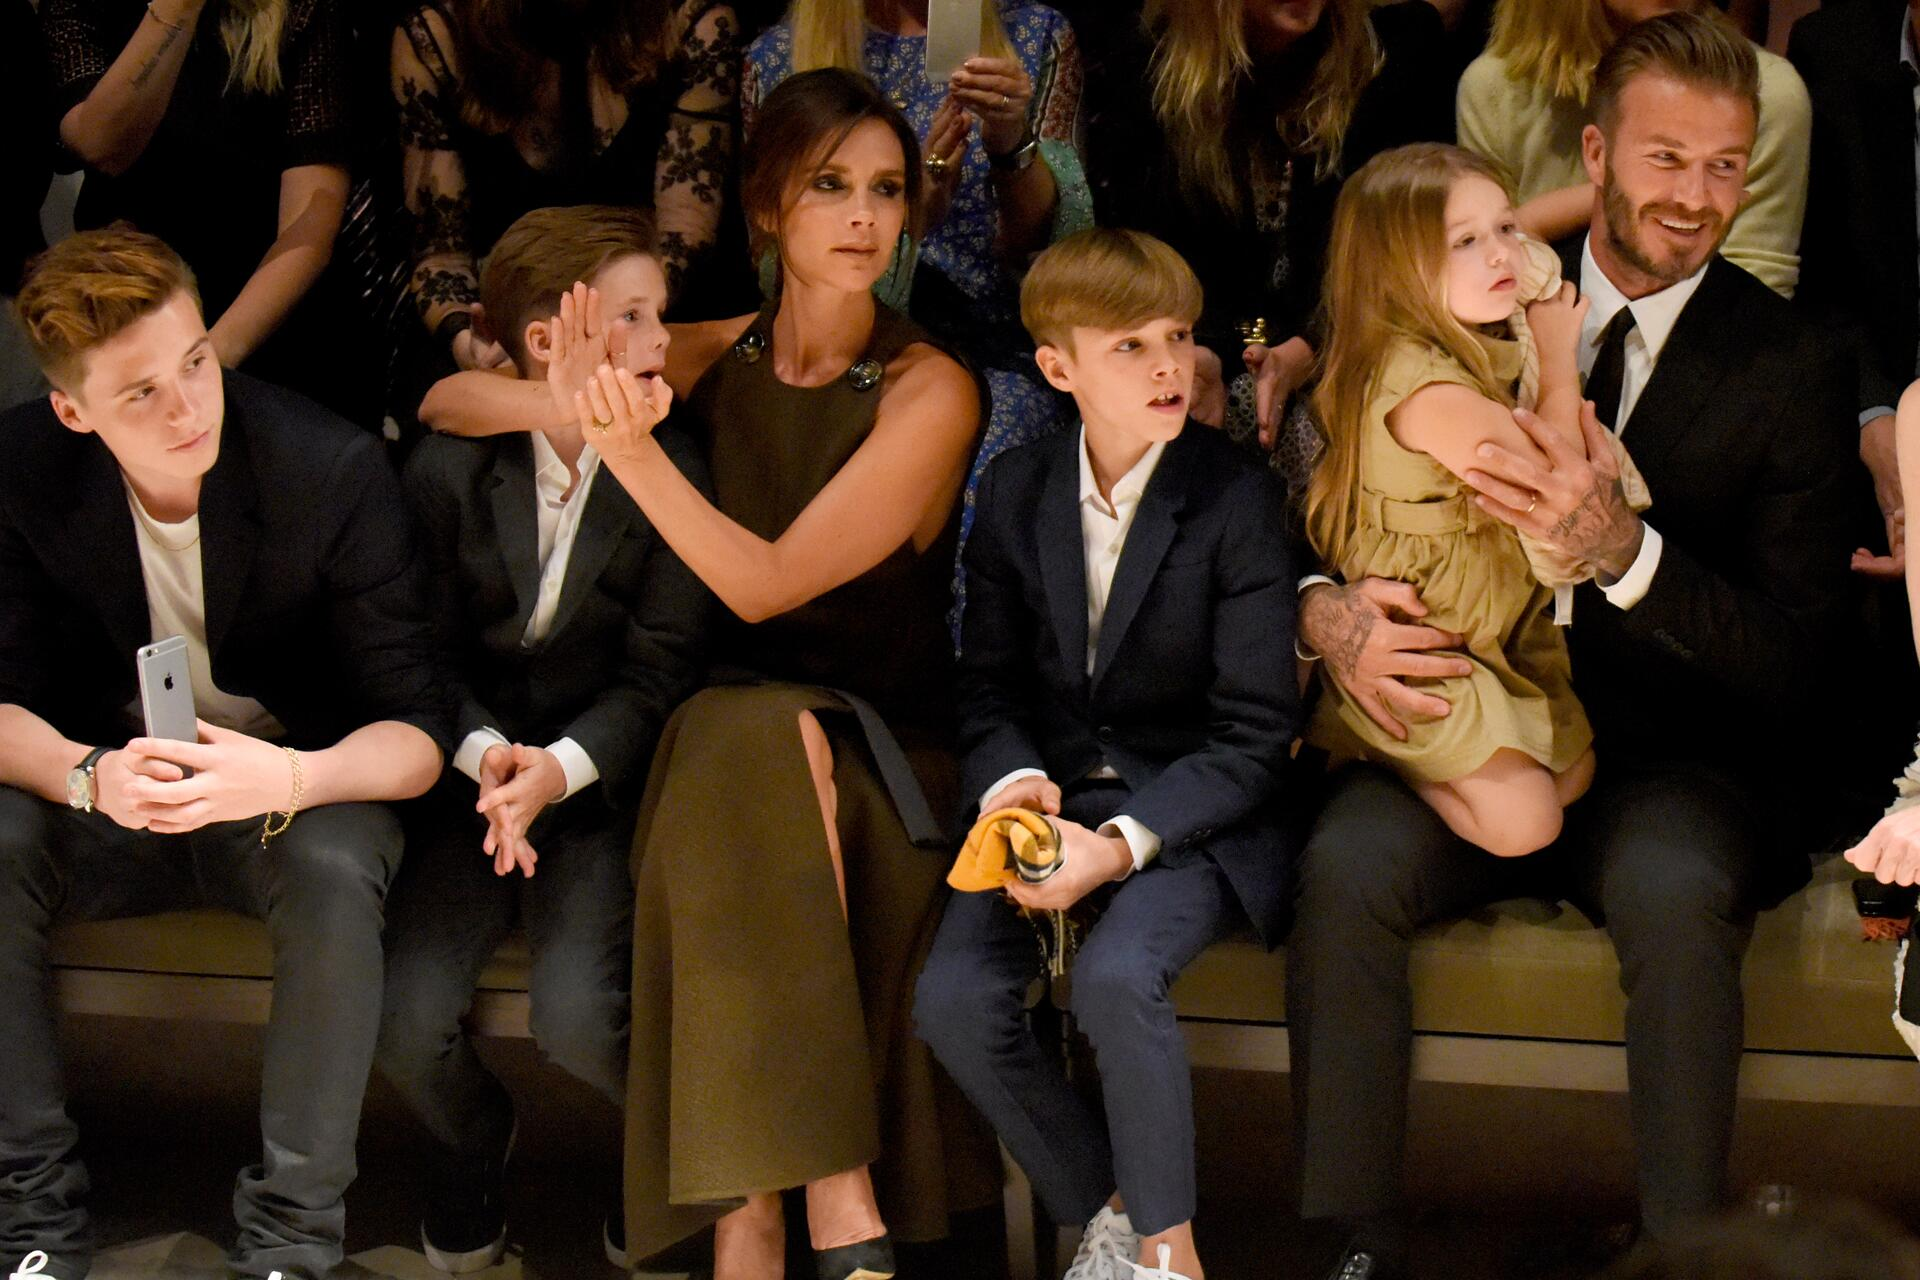 Bild zu Brooklyn Beckham, Cruz Beckham, Victoria Beckham, Romeo Beckham, Harper Beckham, David Beckham